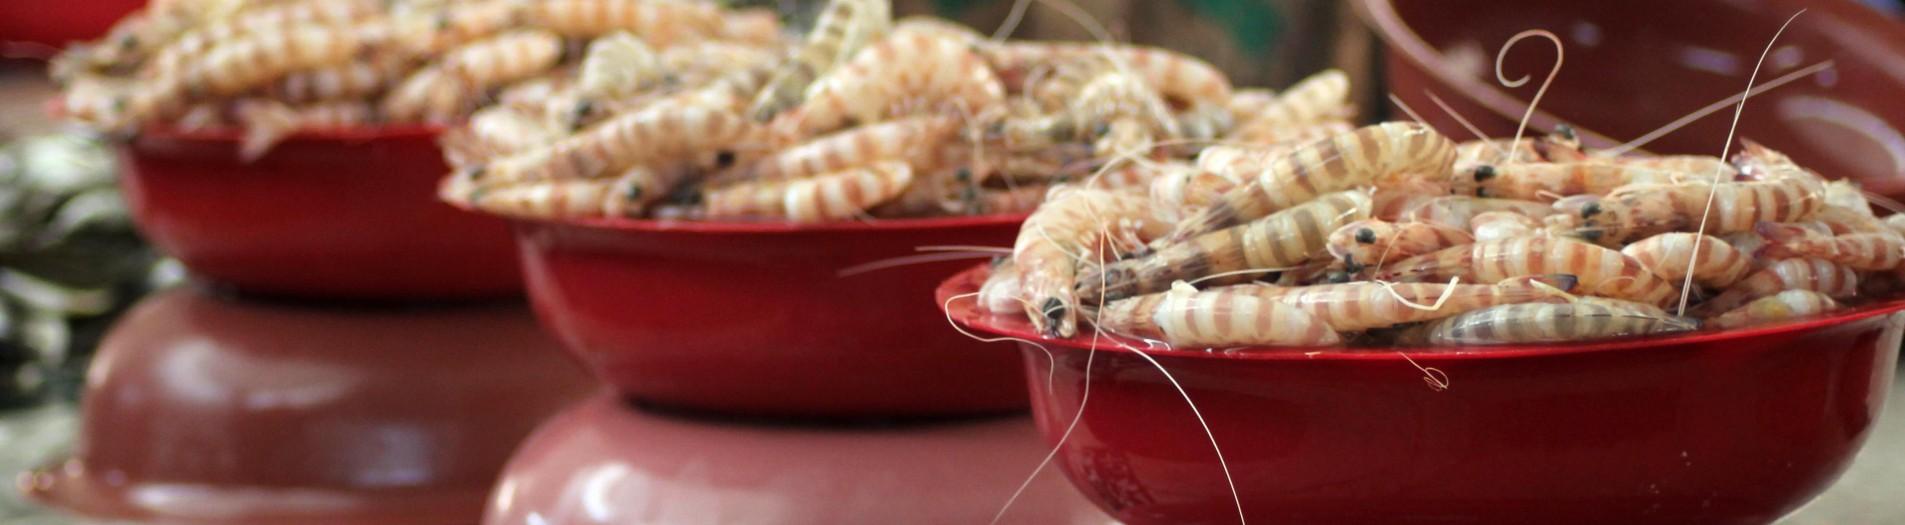 Marché de poisson de Sfax سوق الحوت بصفاقس